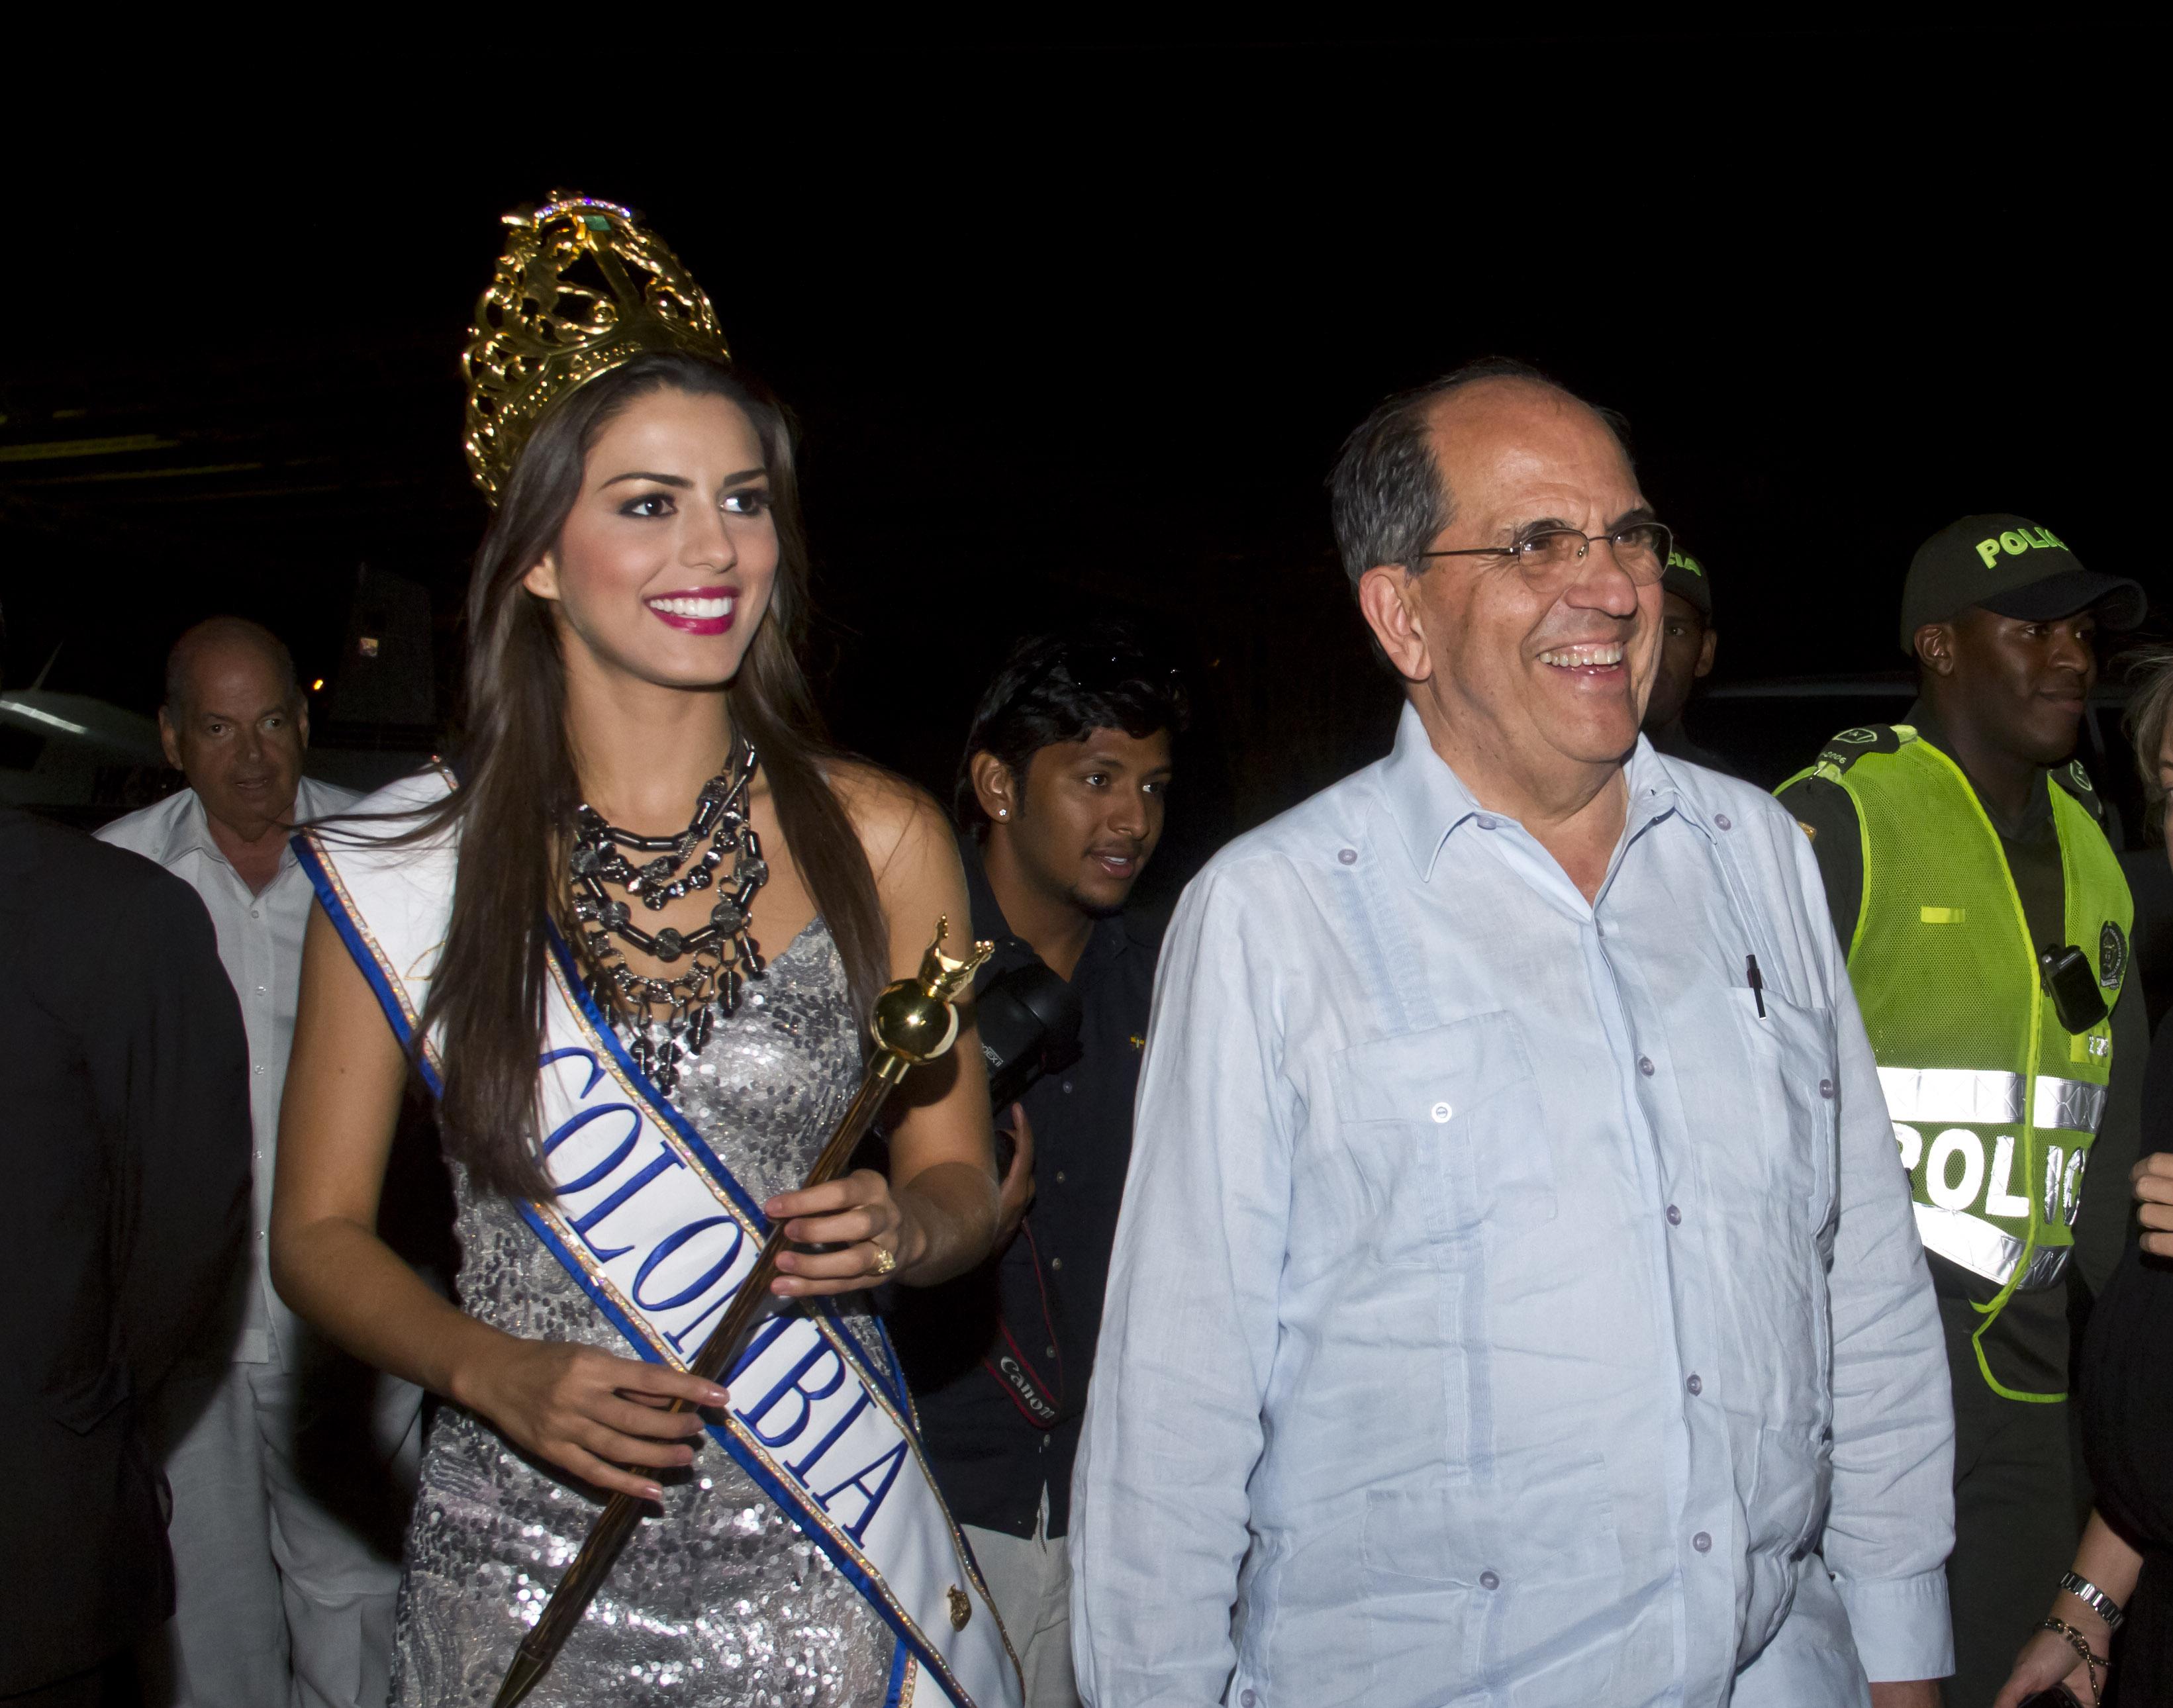 La señorita Colombia llegó al lanzamiento de la Feria de Cali